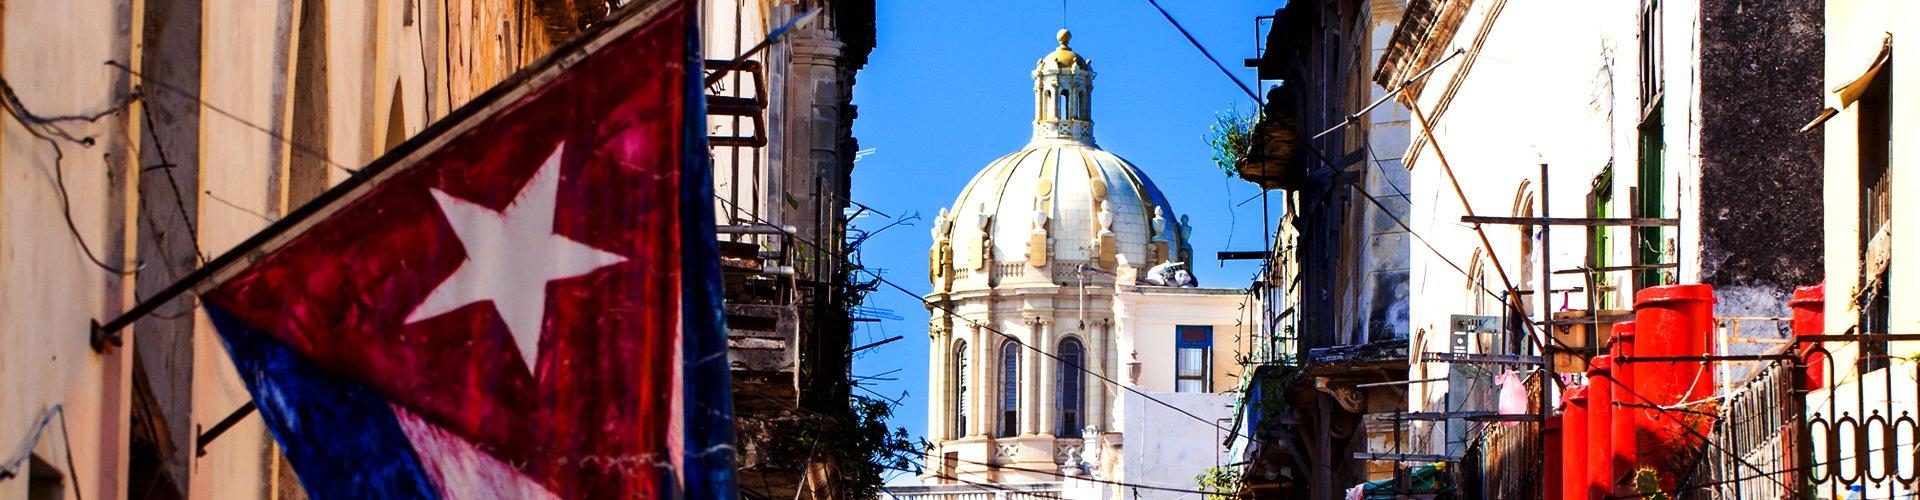 Havanna in Cuba